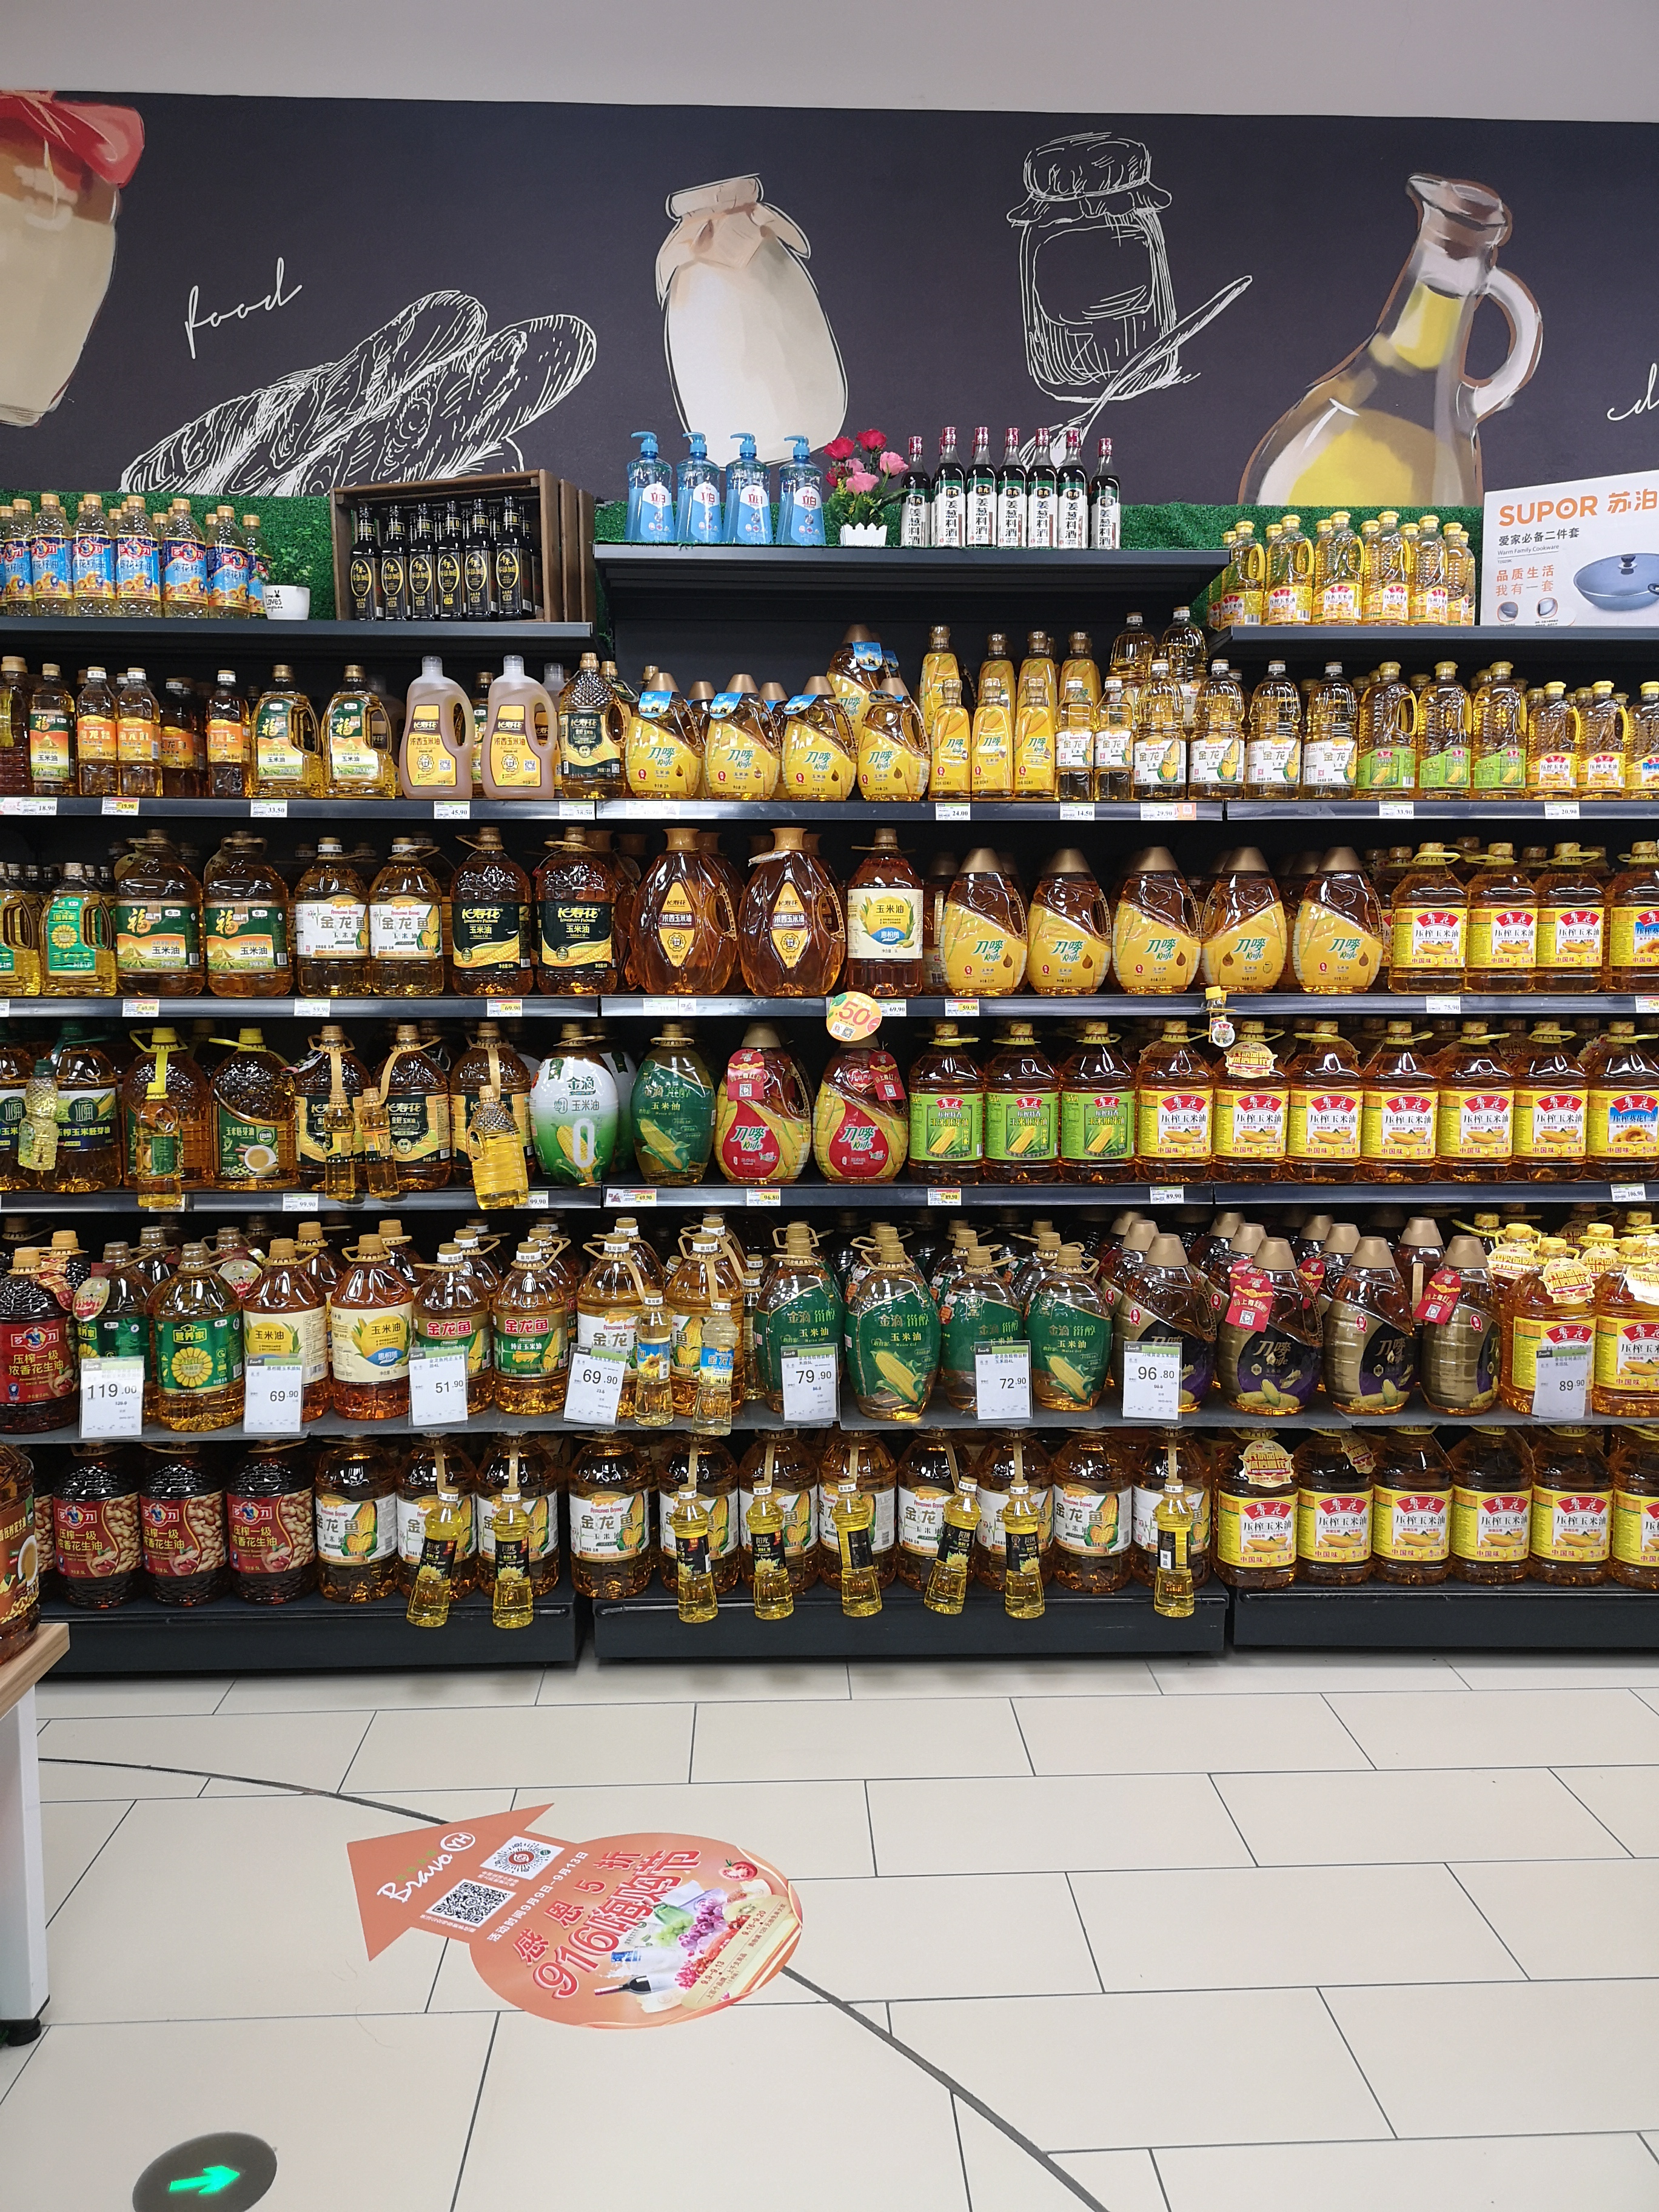 想知道超市货架特点嘛?